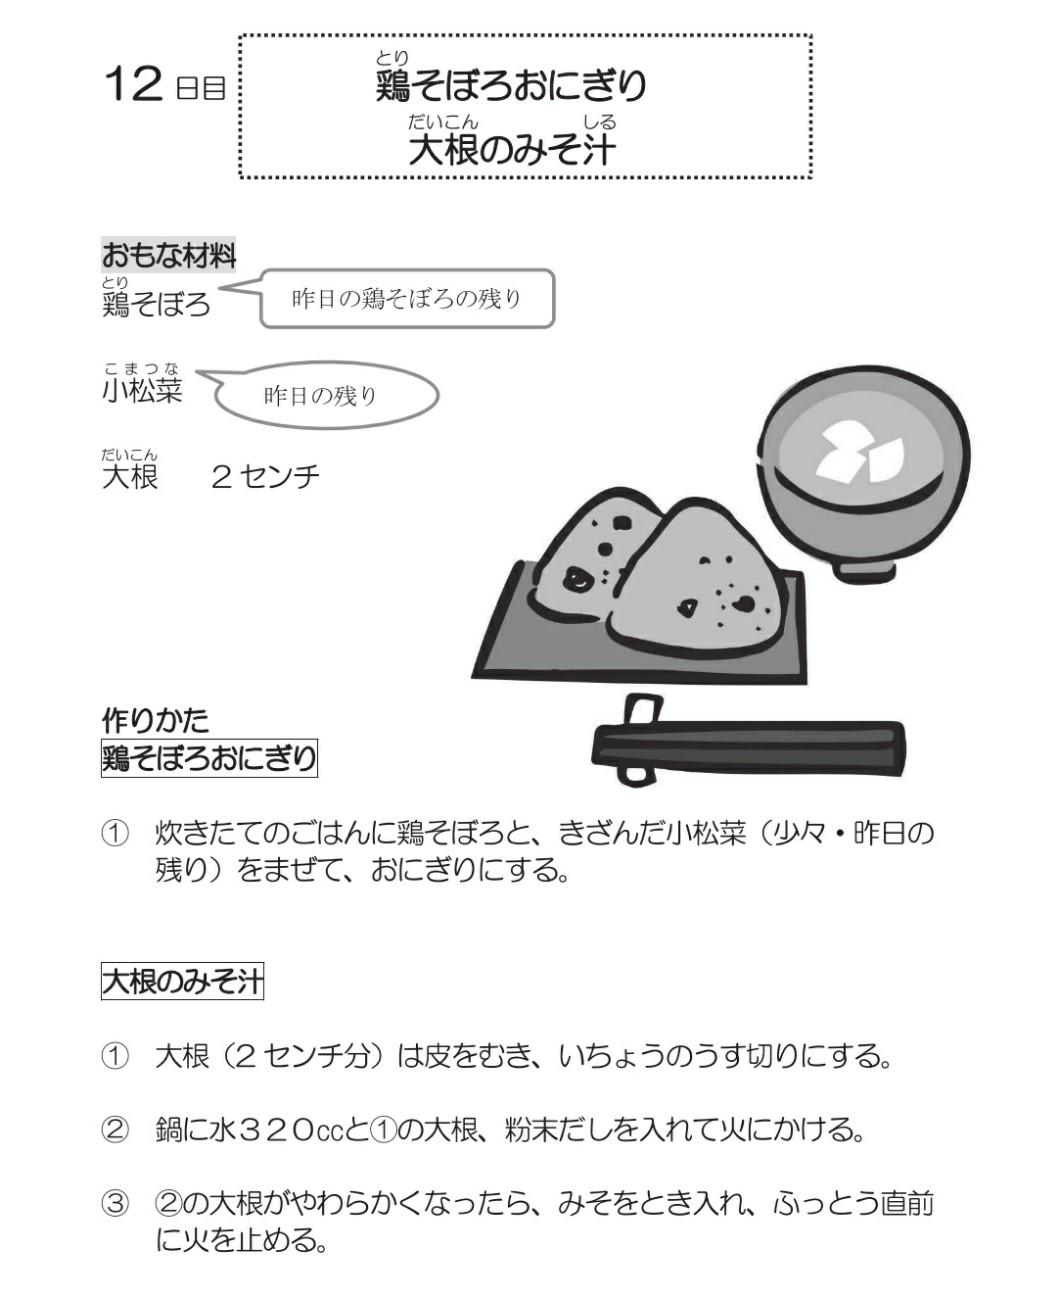 f:id:Jinseiyoyoyo:20190621175103j:plain